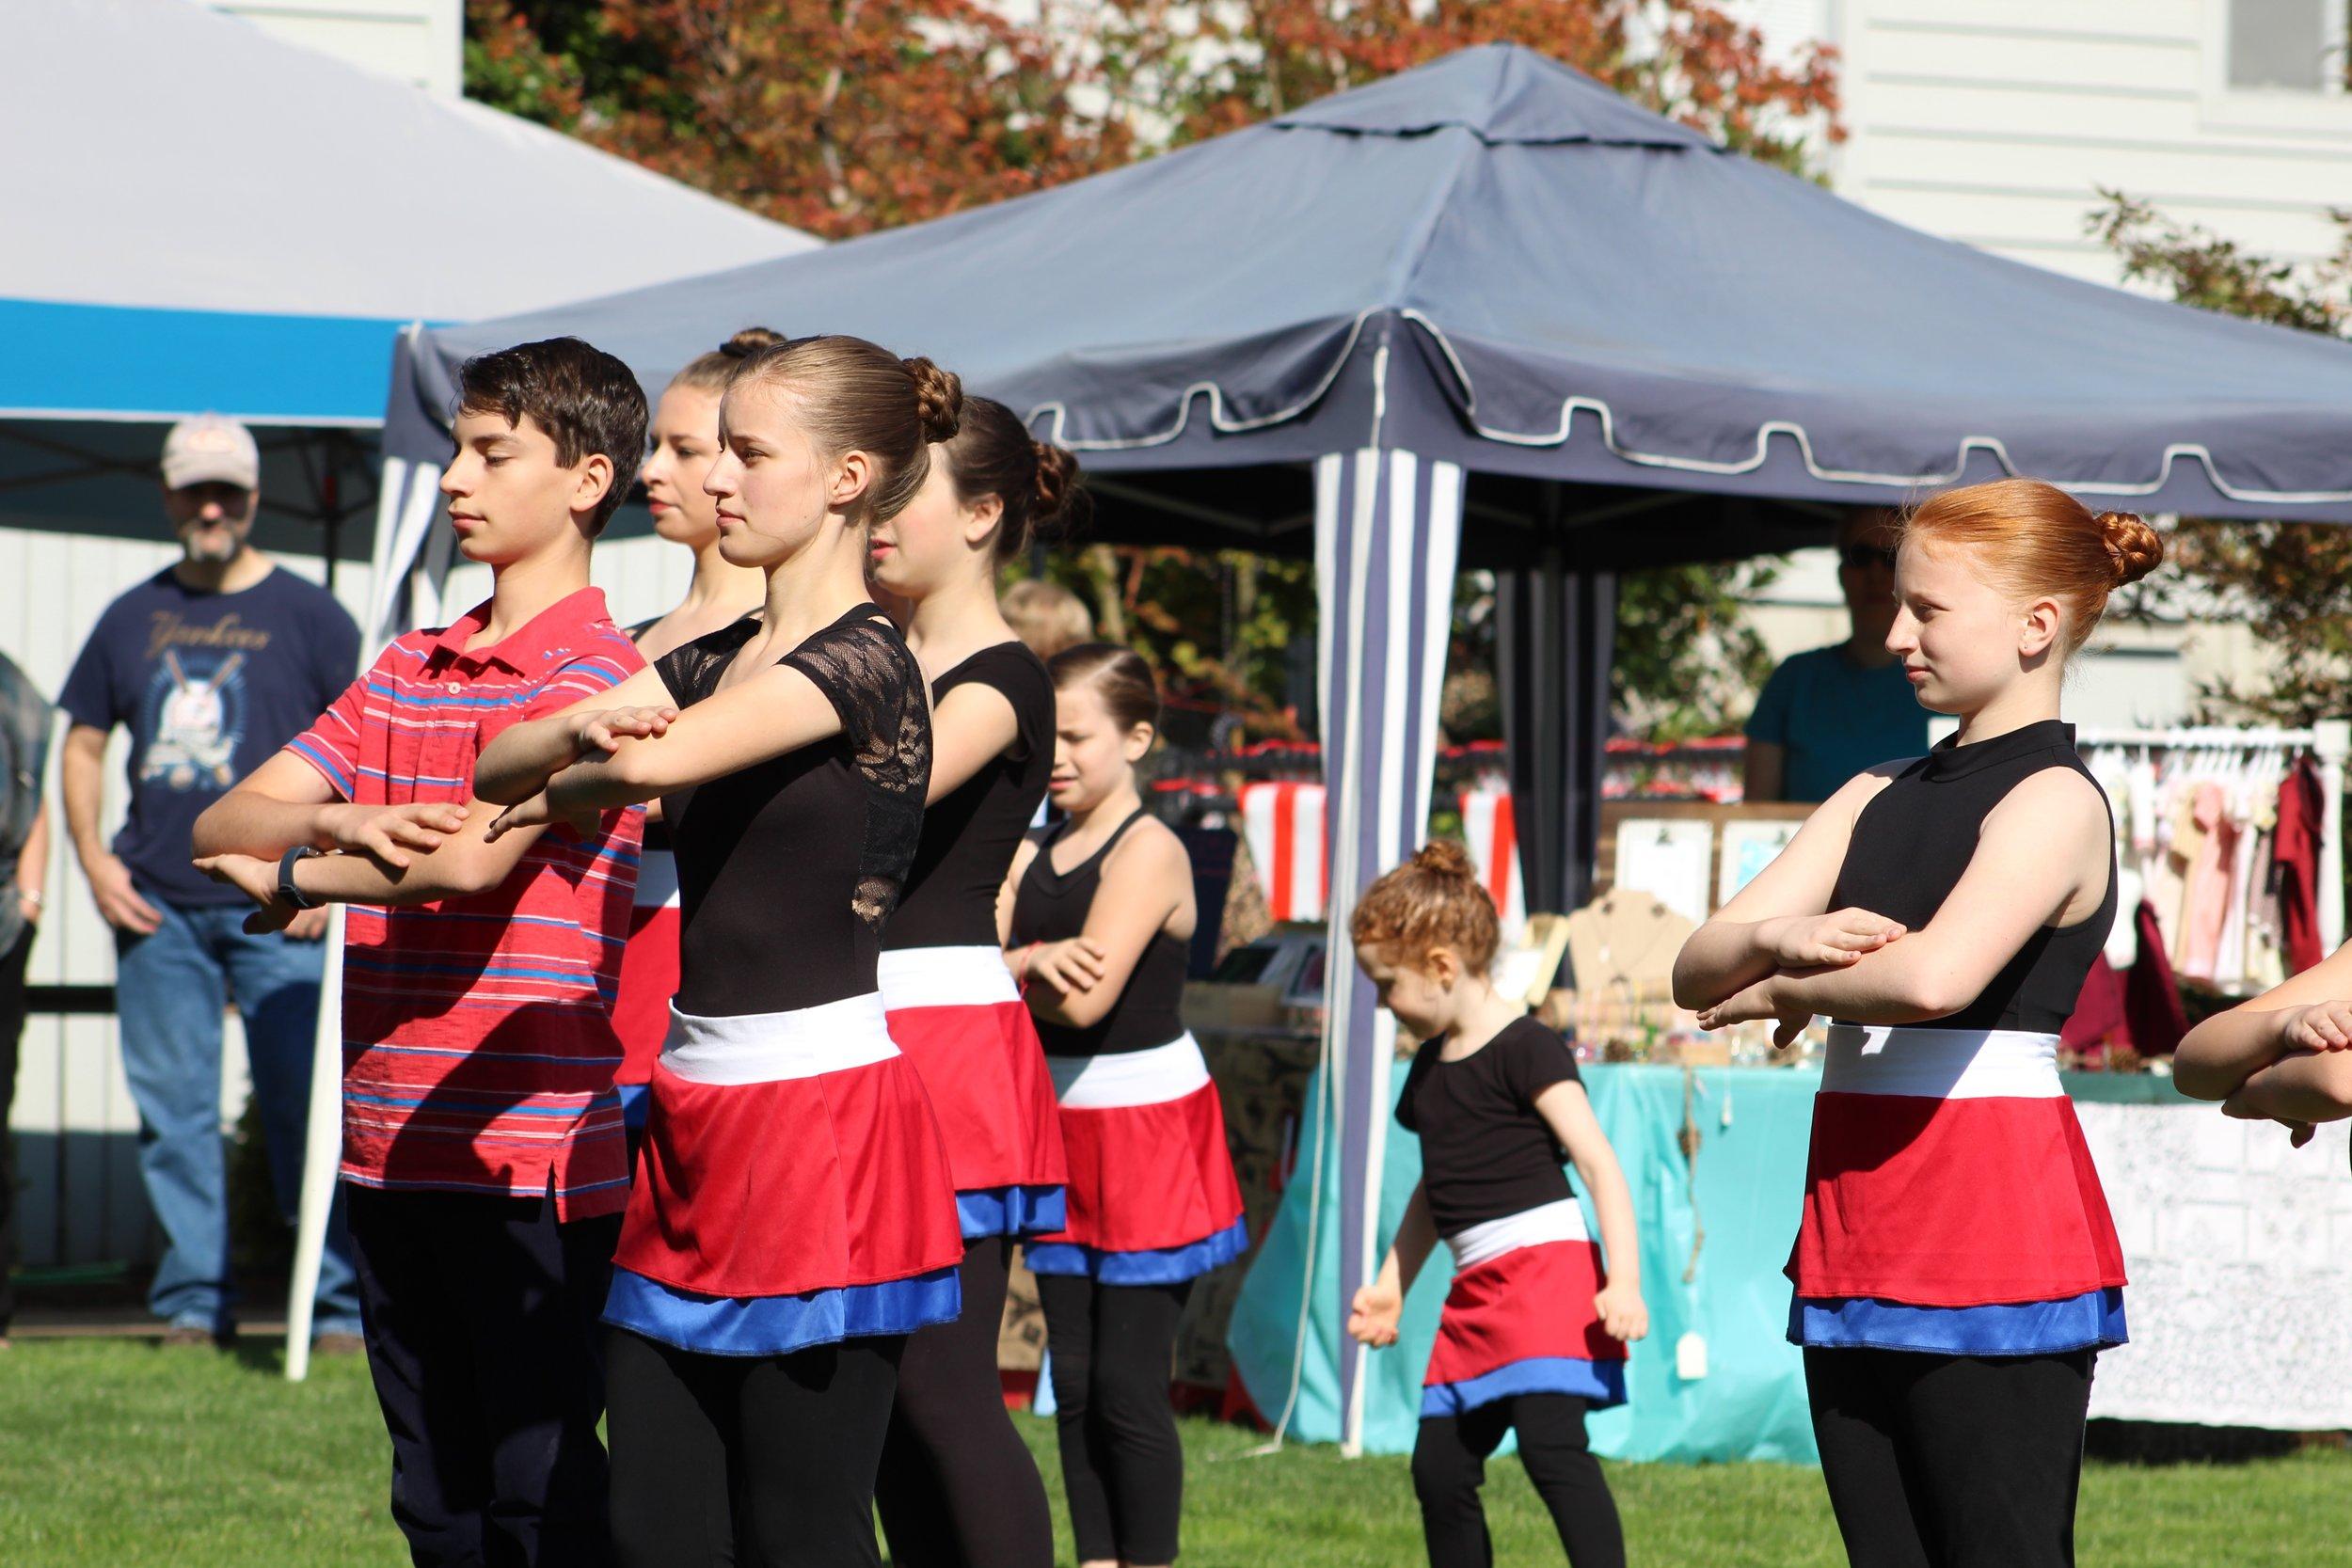 danceteam_0806.jpg